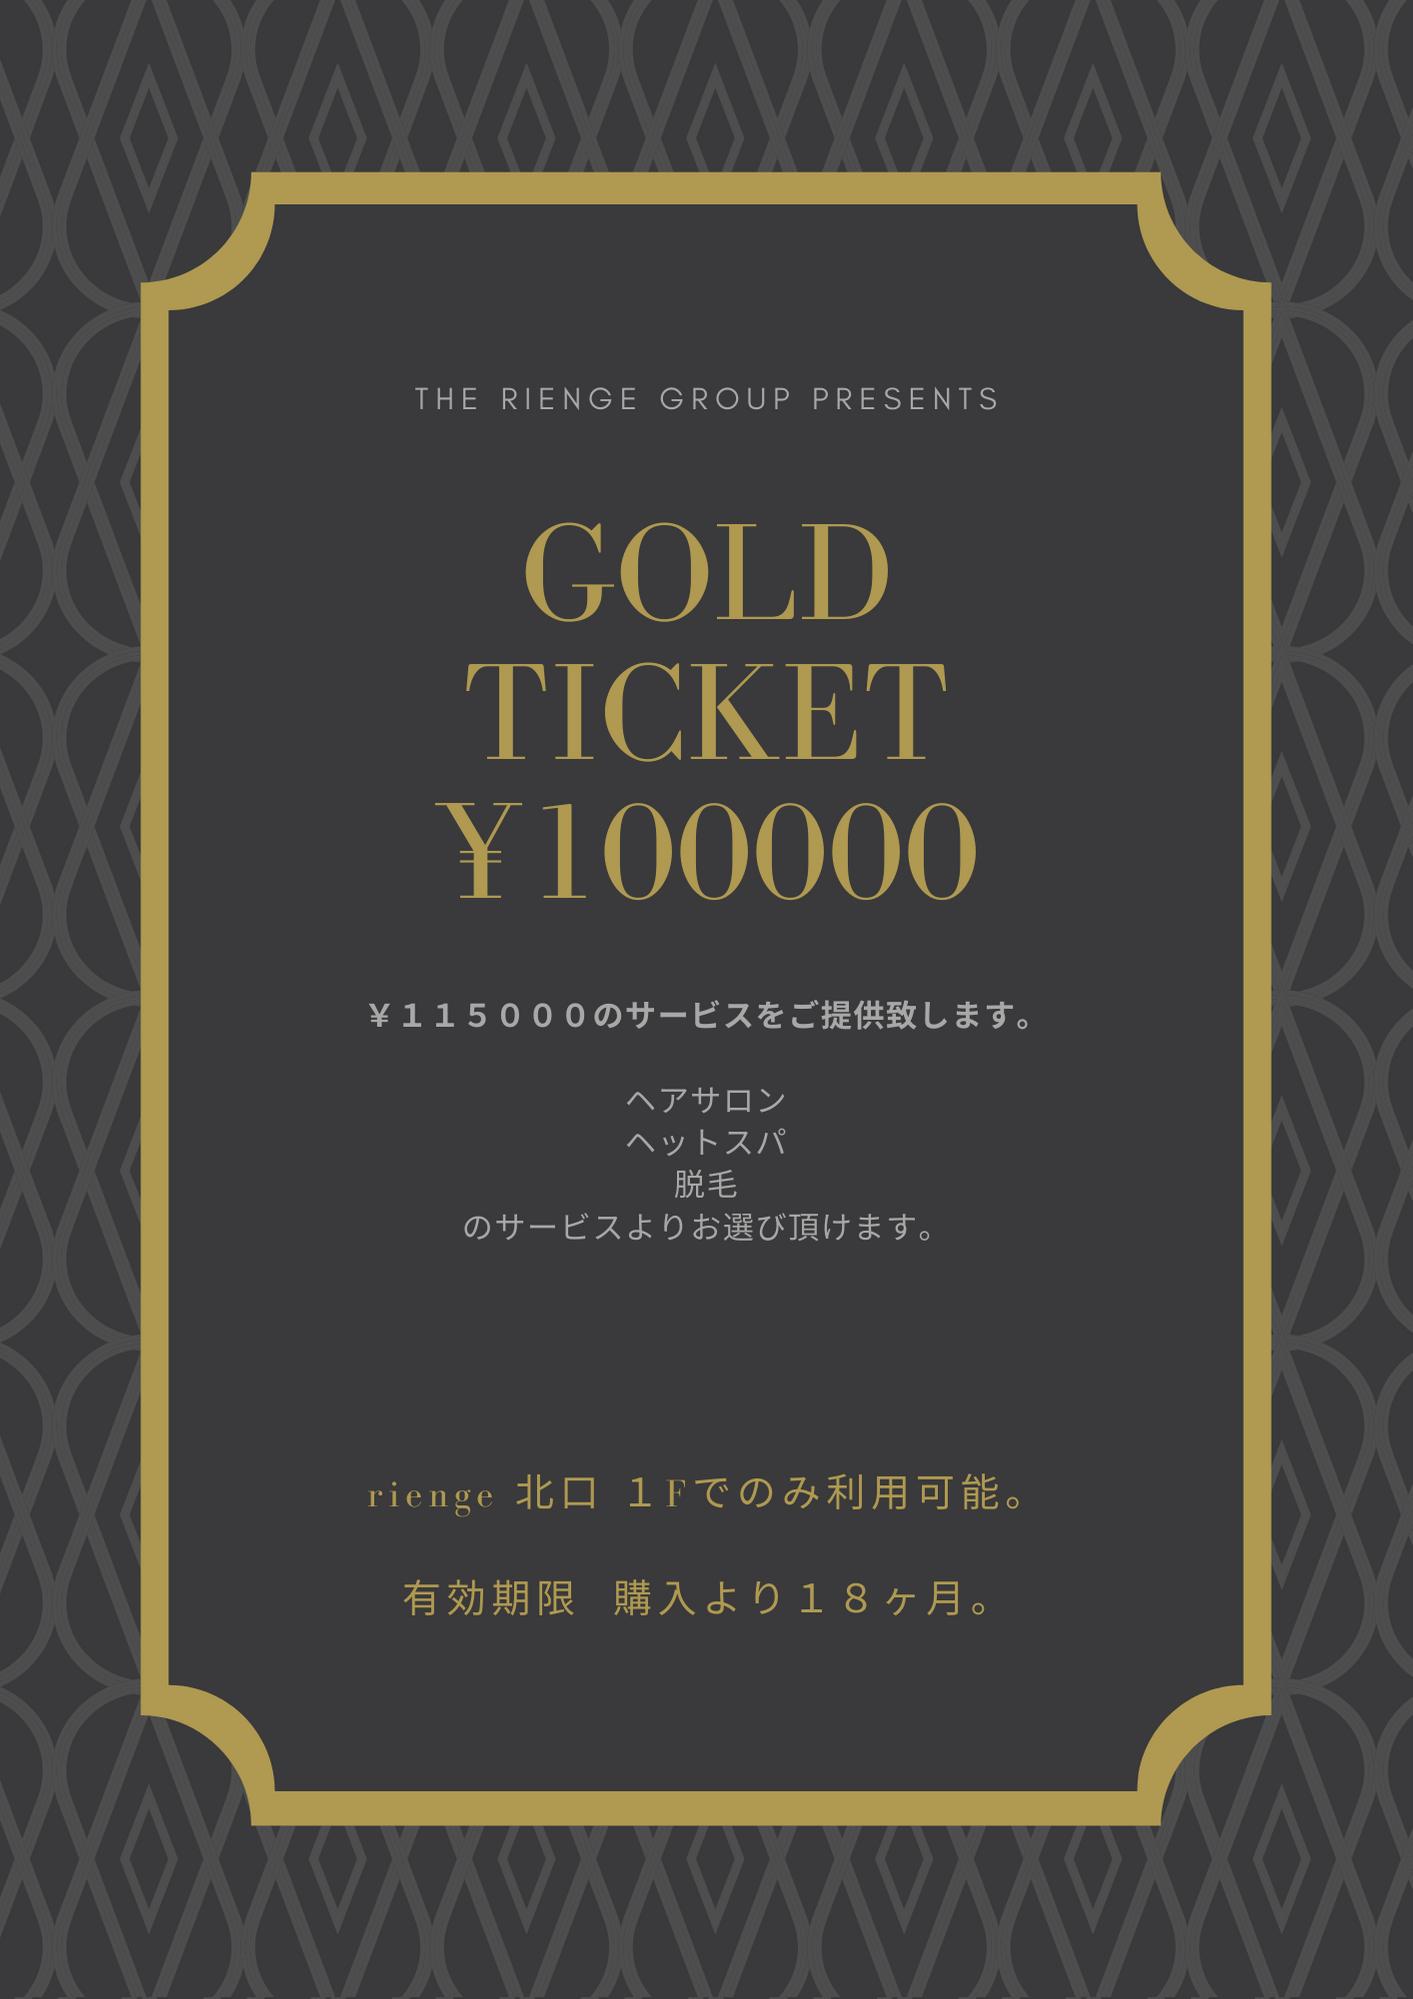 ¥15000オフになる、スペシャルなチケットご用意致しました!